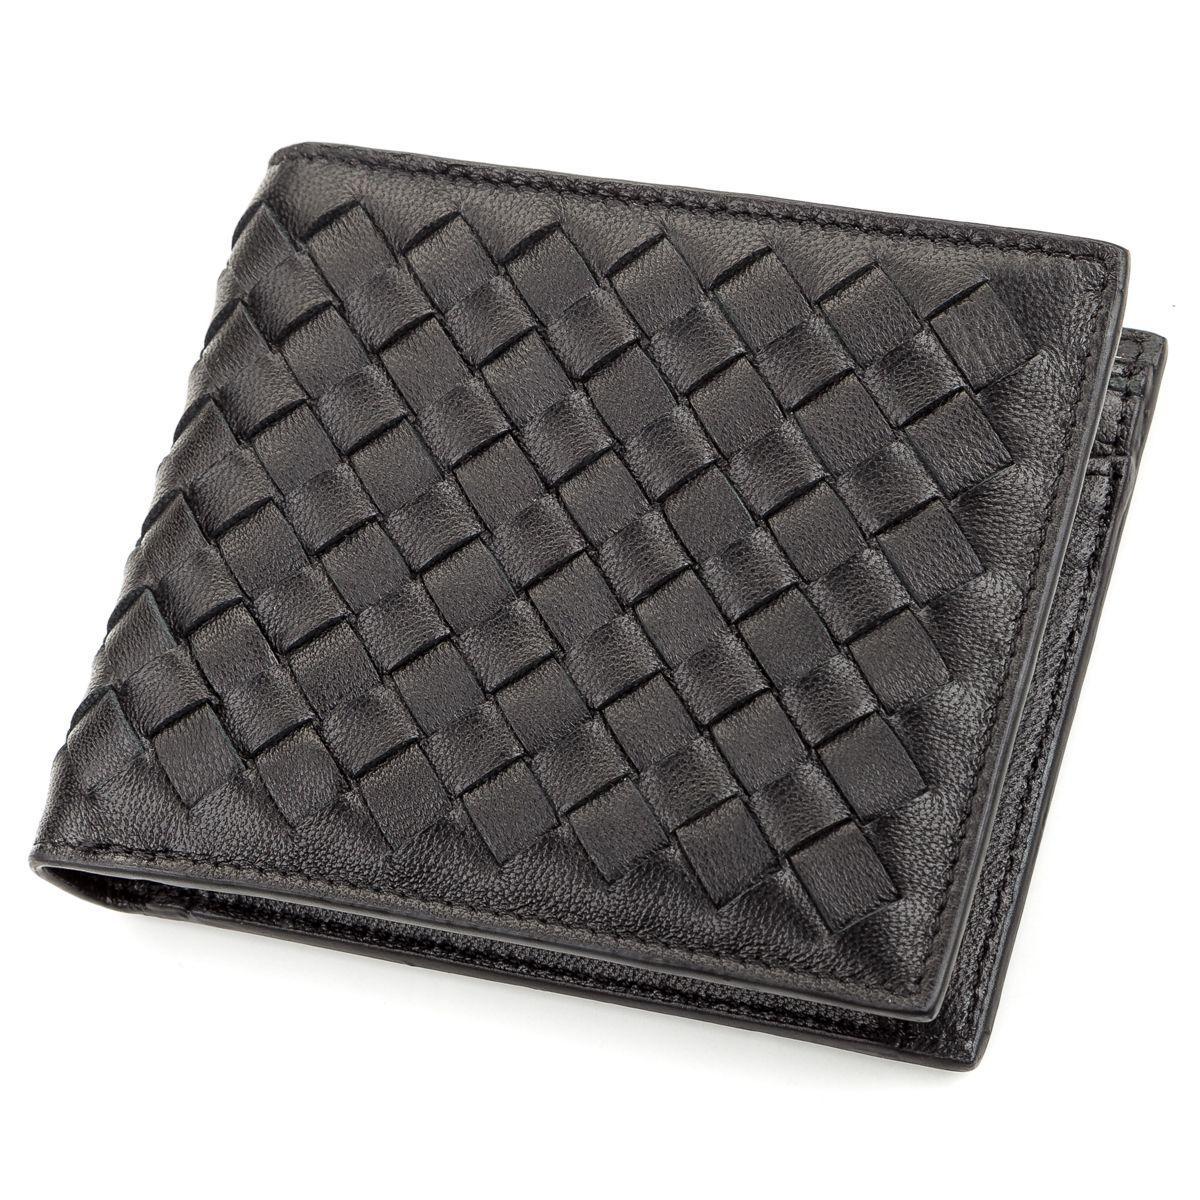 Кошелек мужской Tony Bellucci 17215 кожаный Черный, Черный